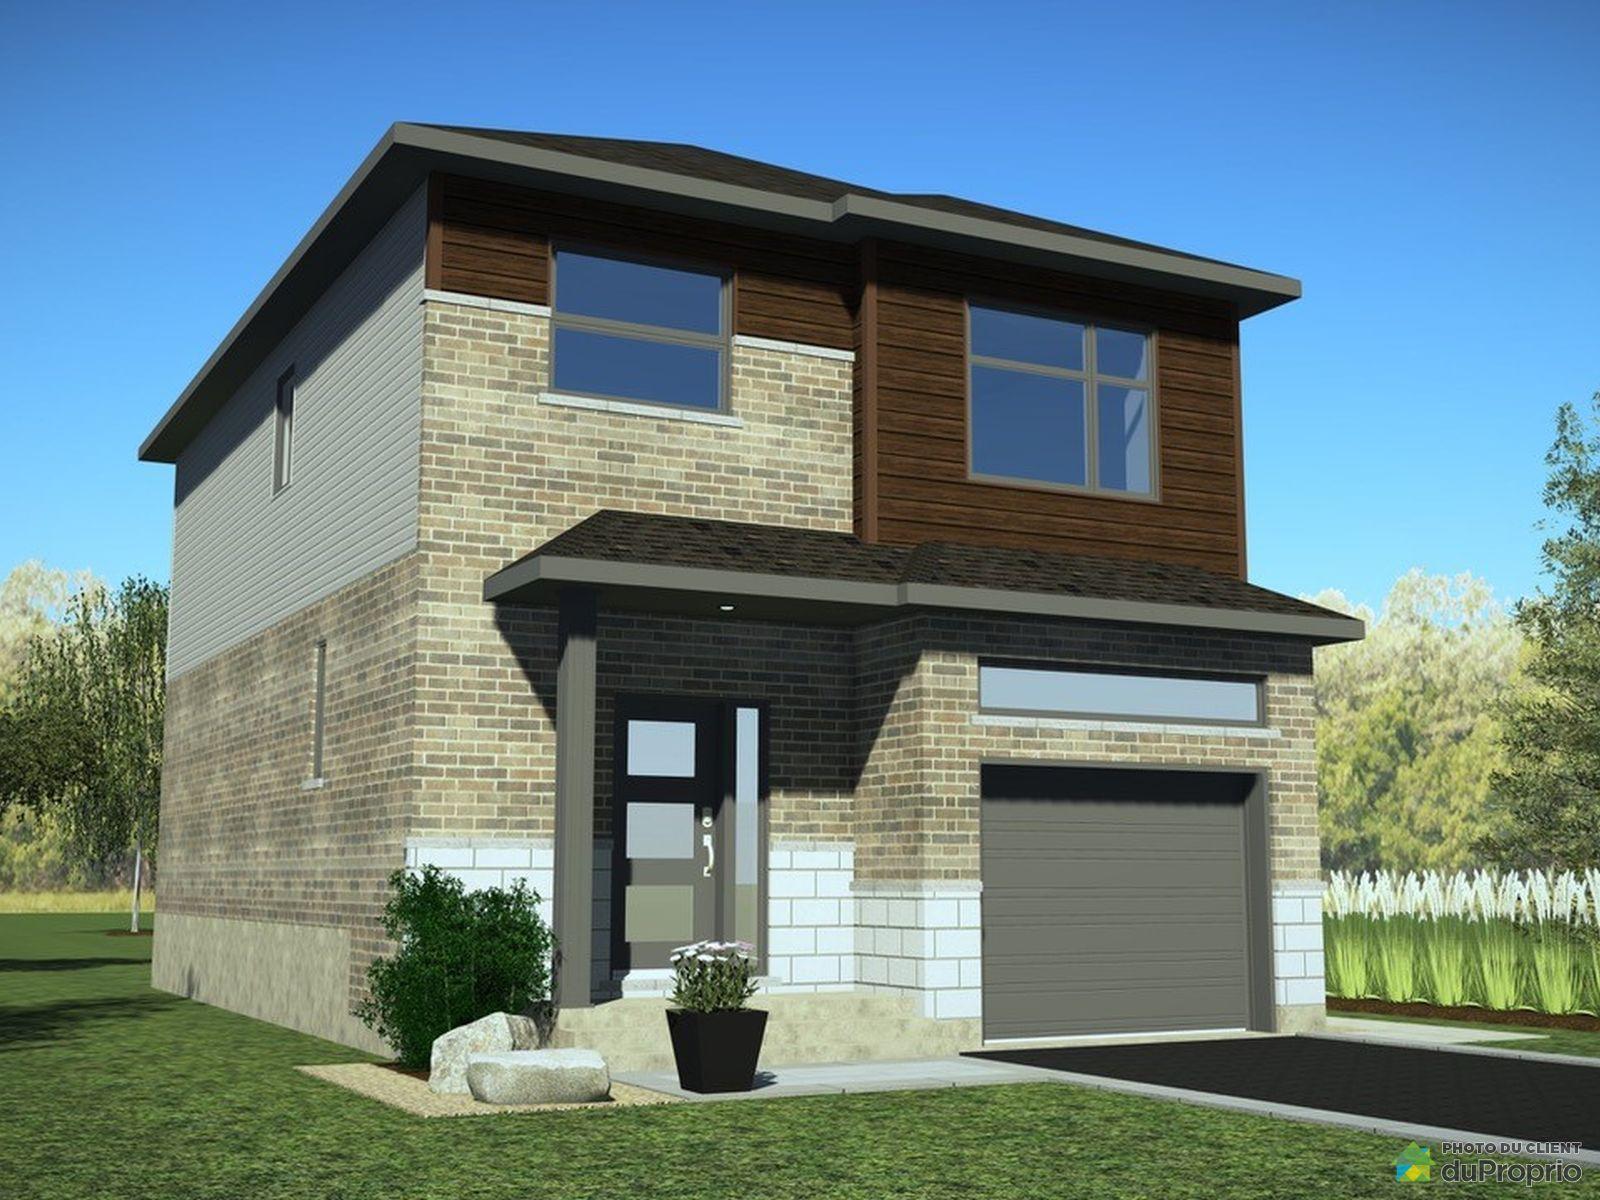 3830 rue Coderre - Par Chantignole Constructeur D'habitations, Longueuil (St-Hubert) for sale